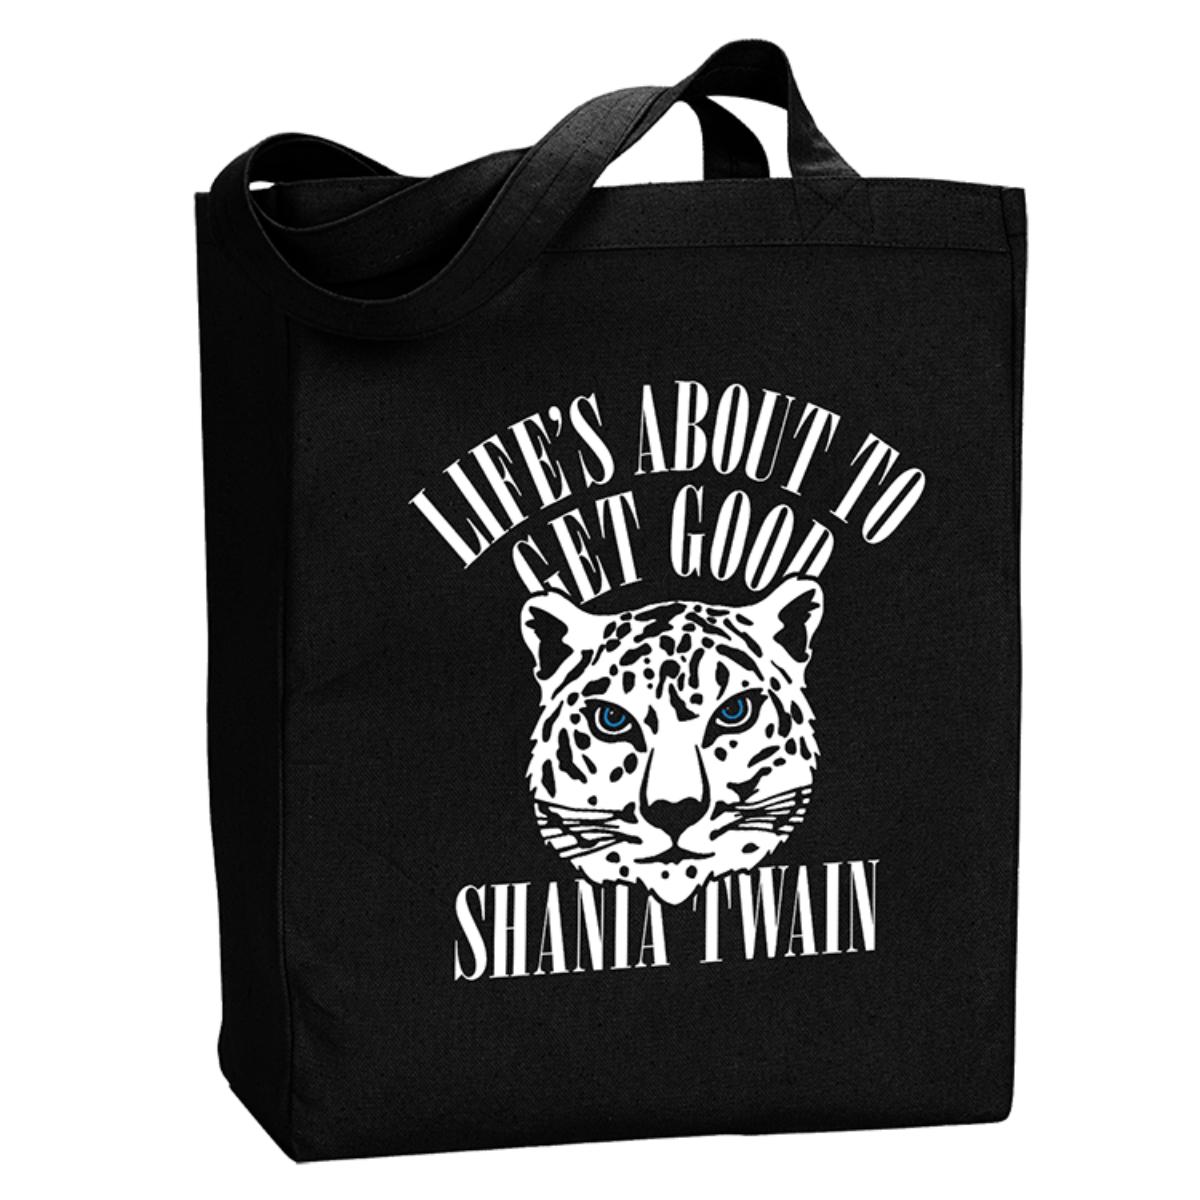 Life's Good Black Tote Bag